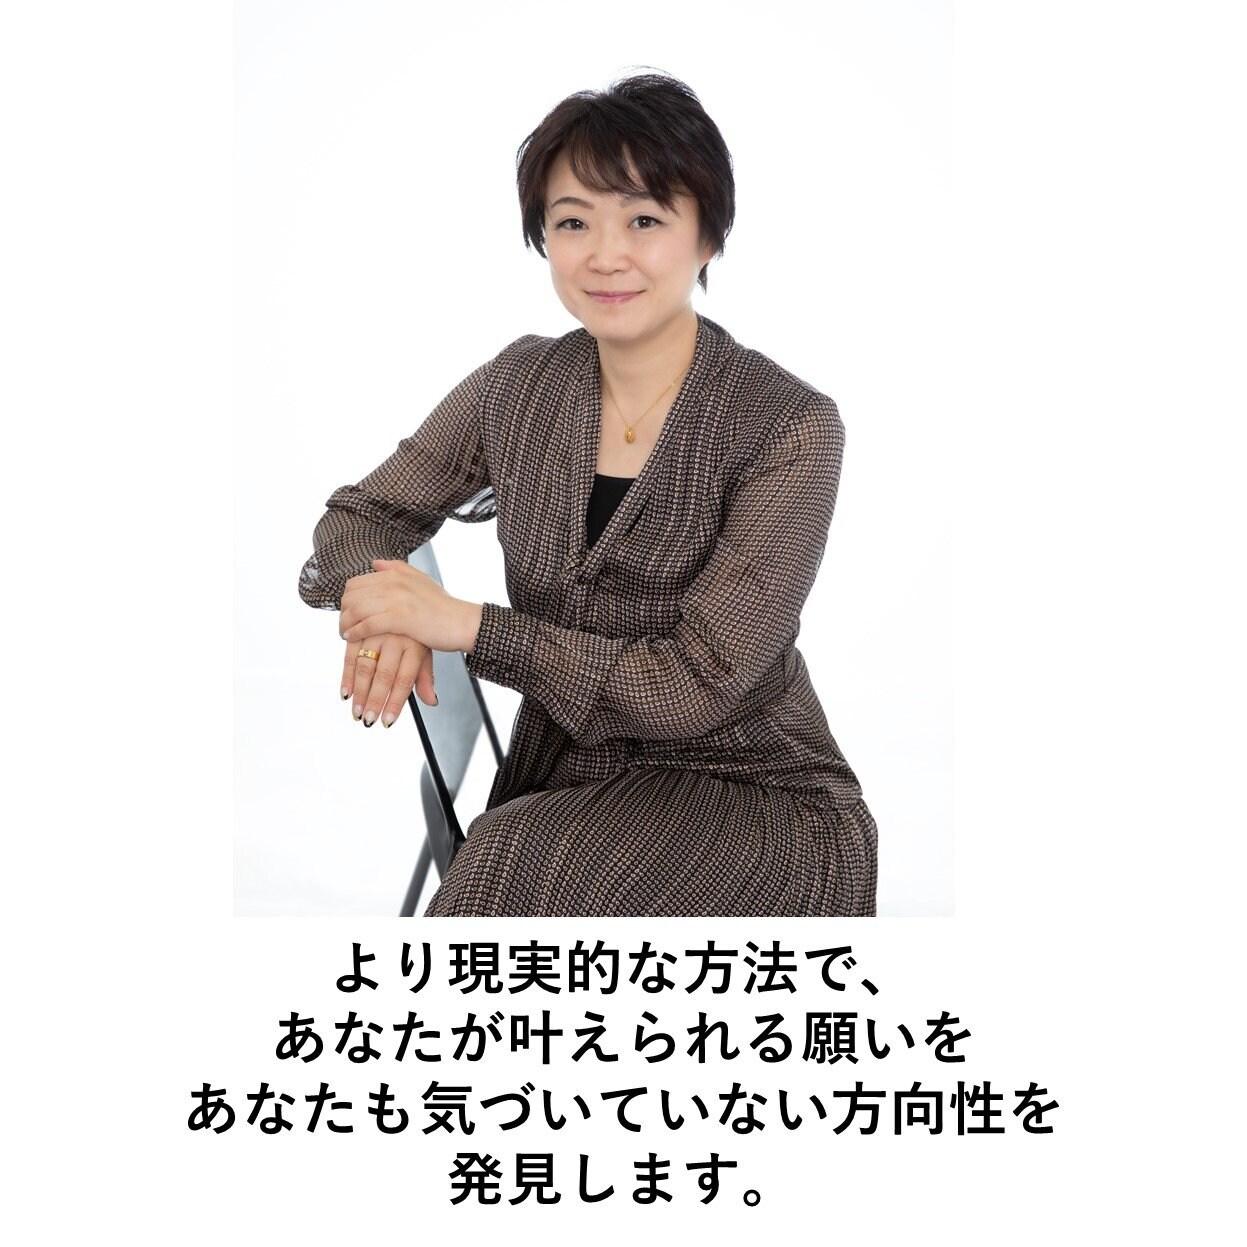 (単発)安慶陽の個別コンサルテイングのイメージその1